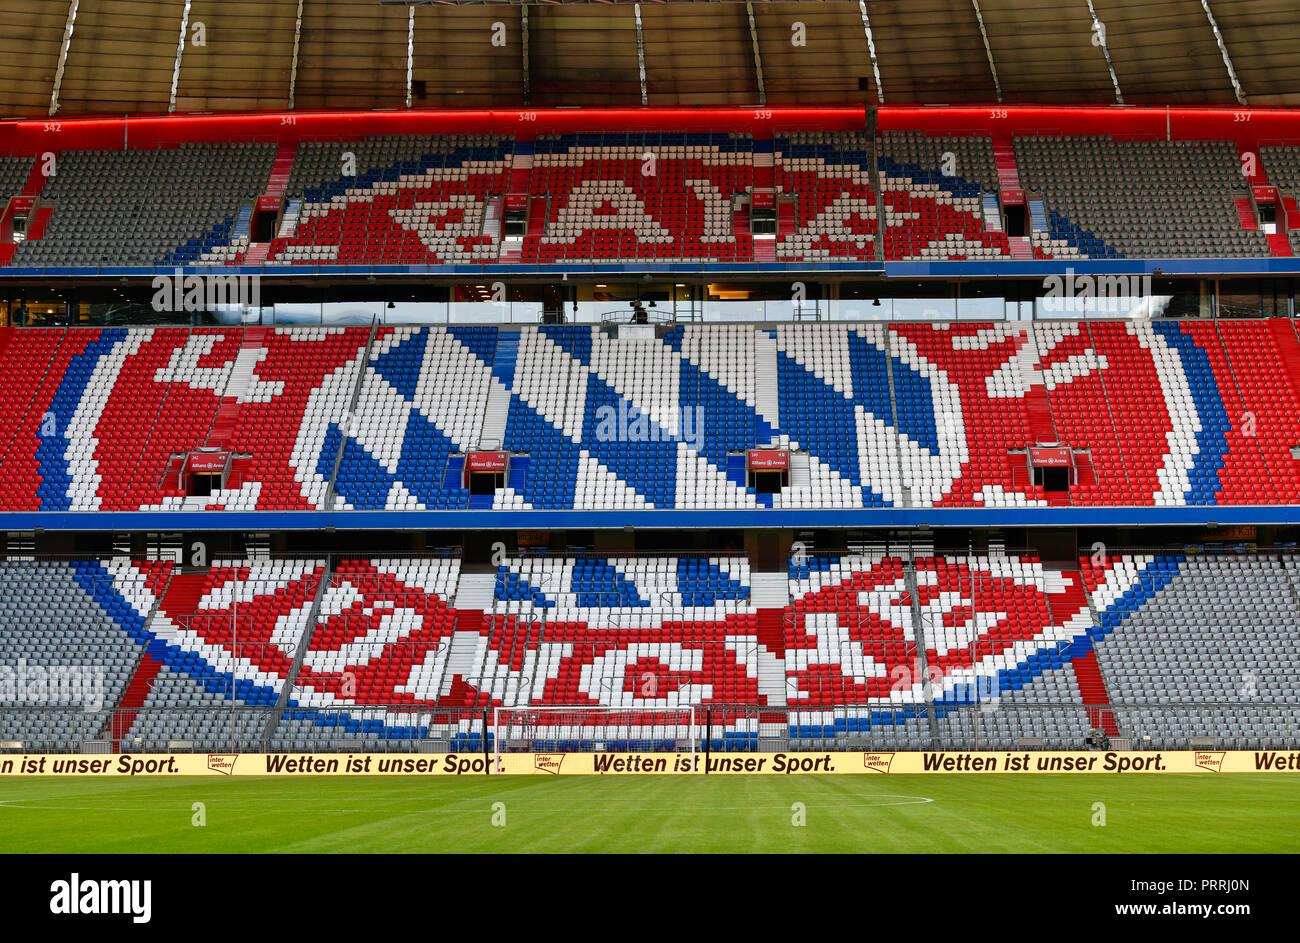 Allianz Arena Neu